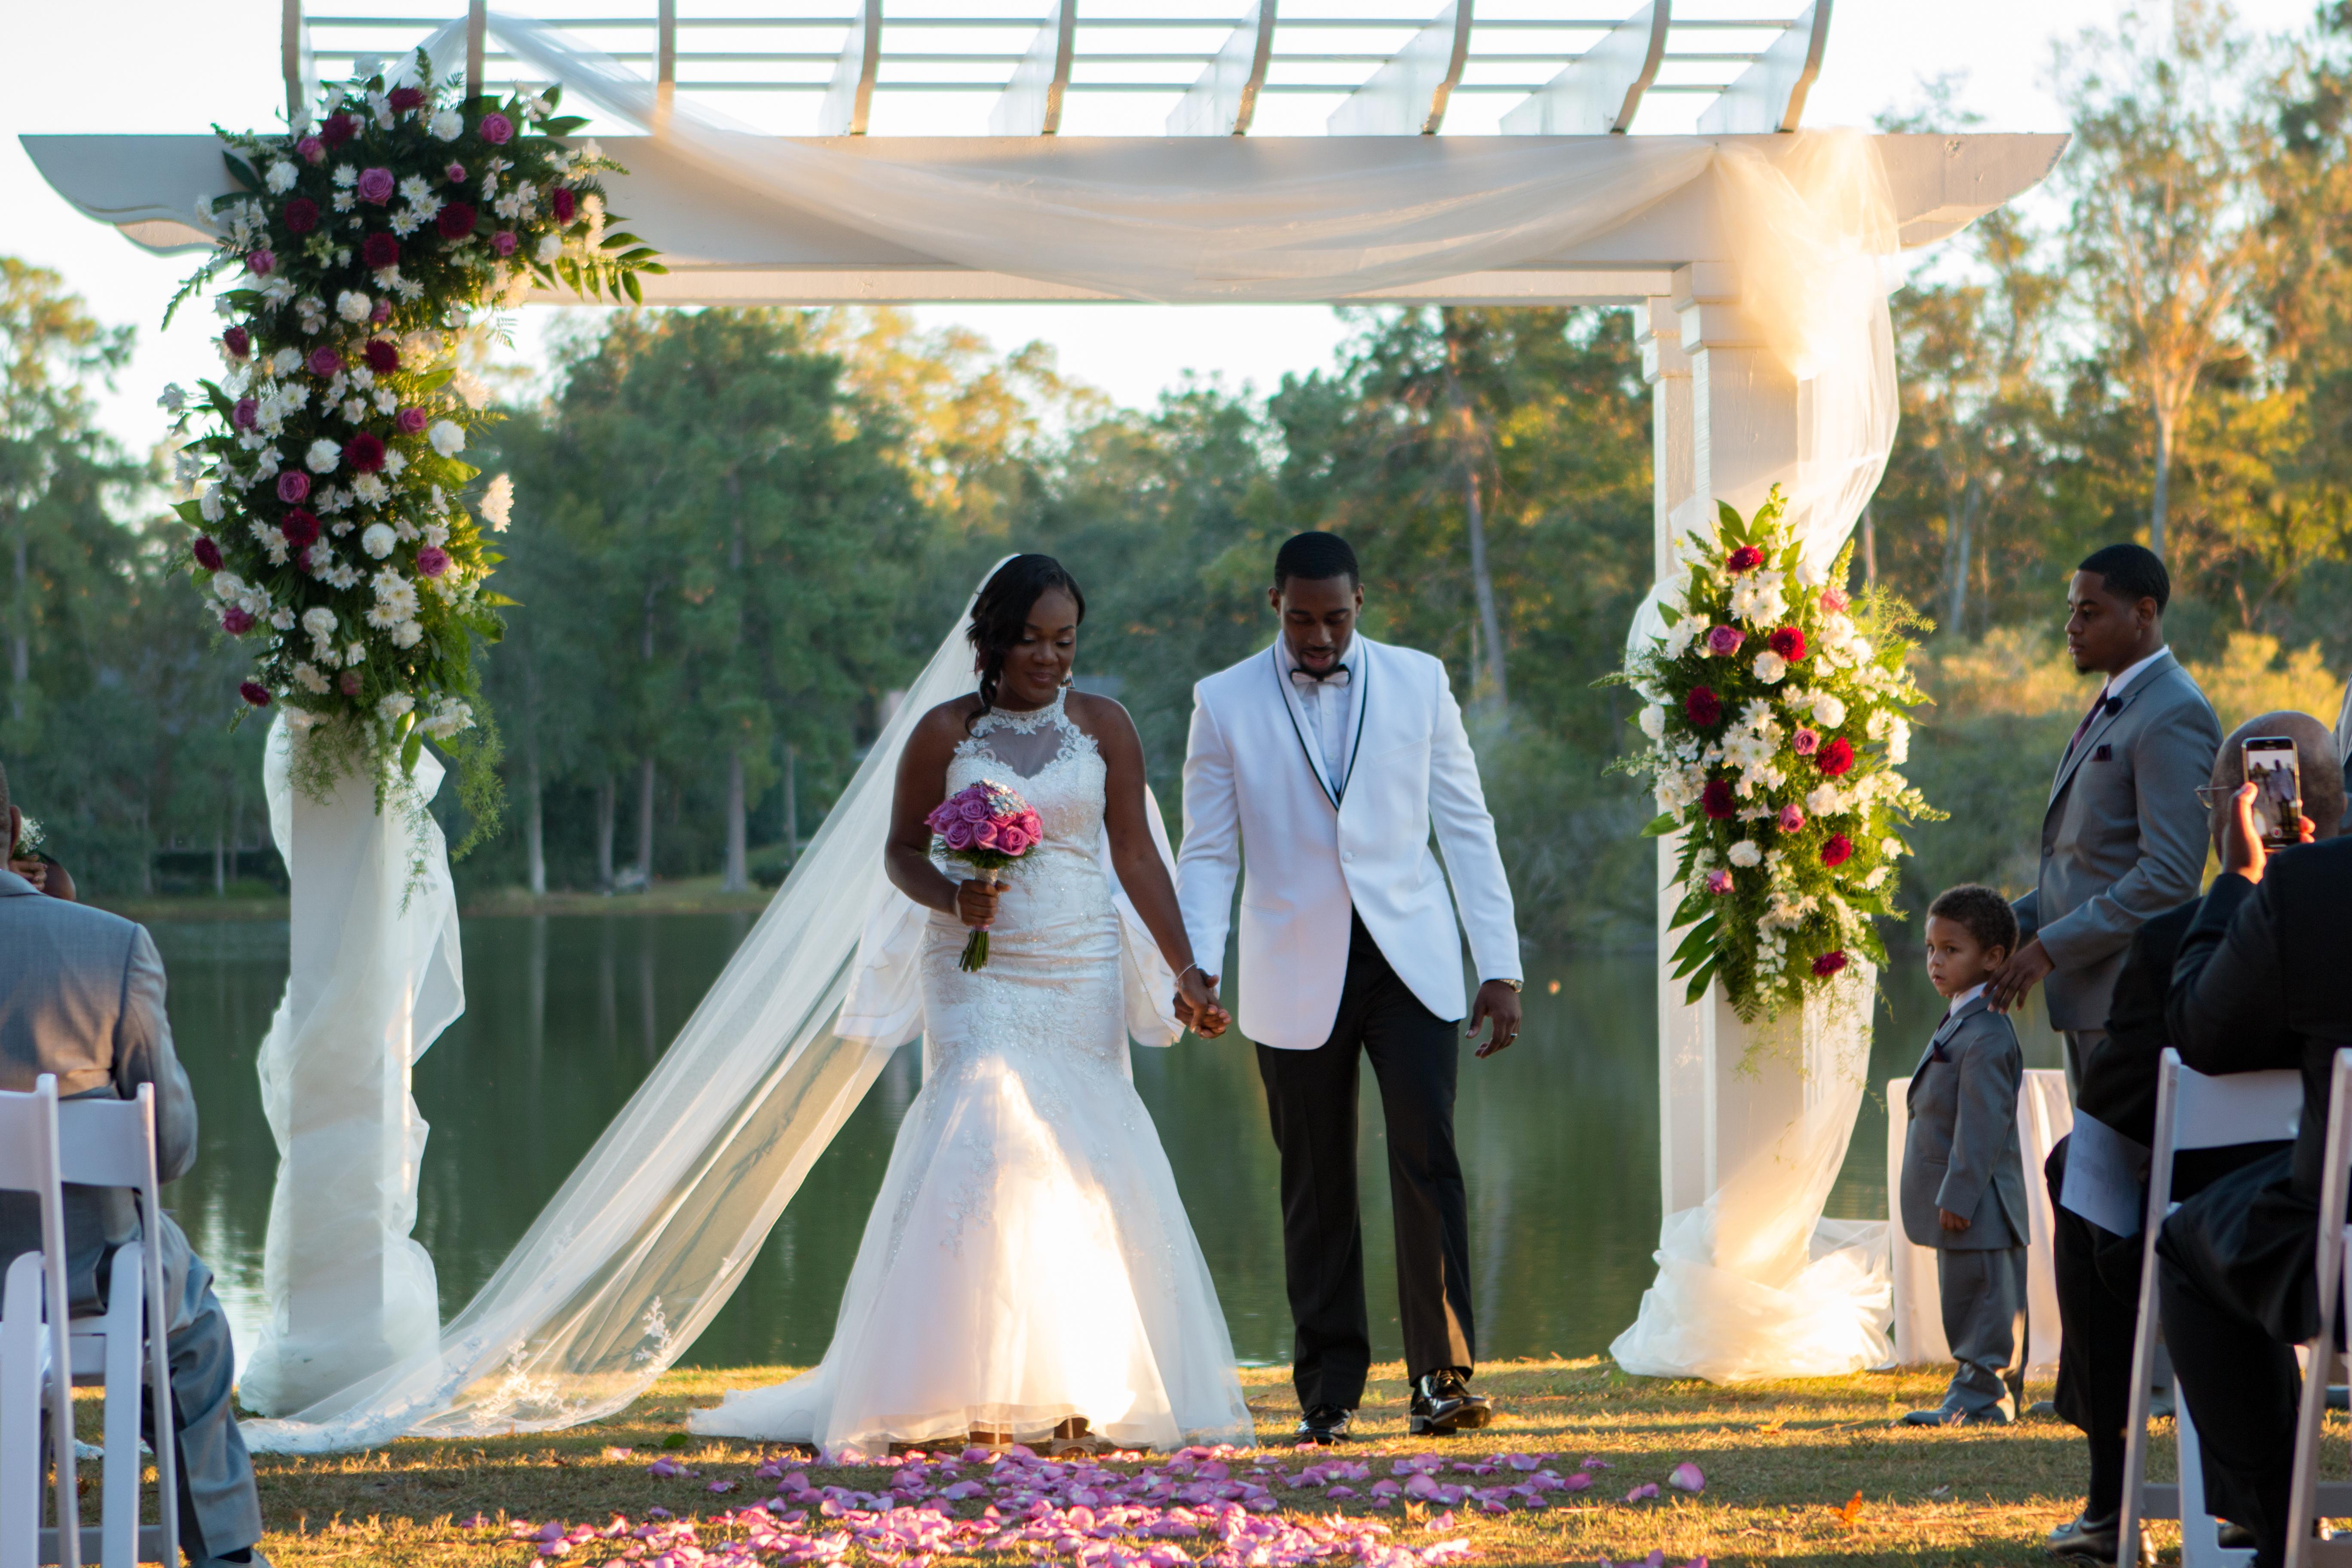 D. Norwood Photography wedding photo